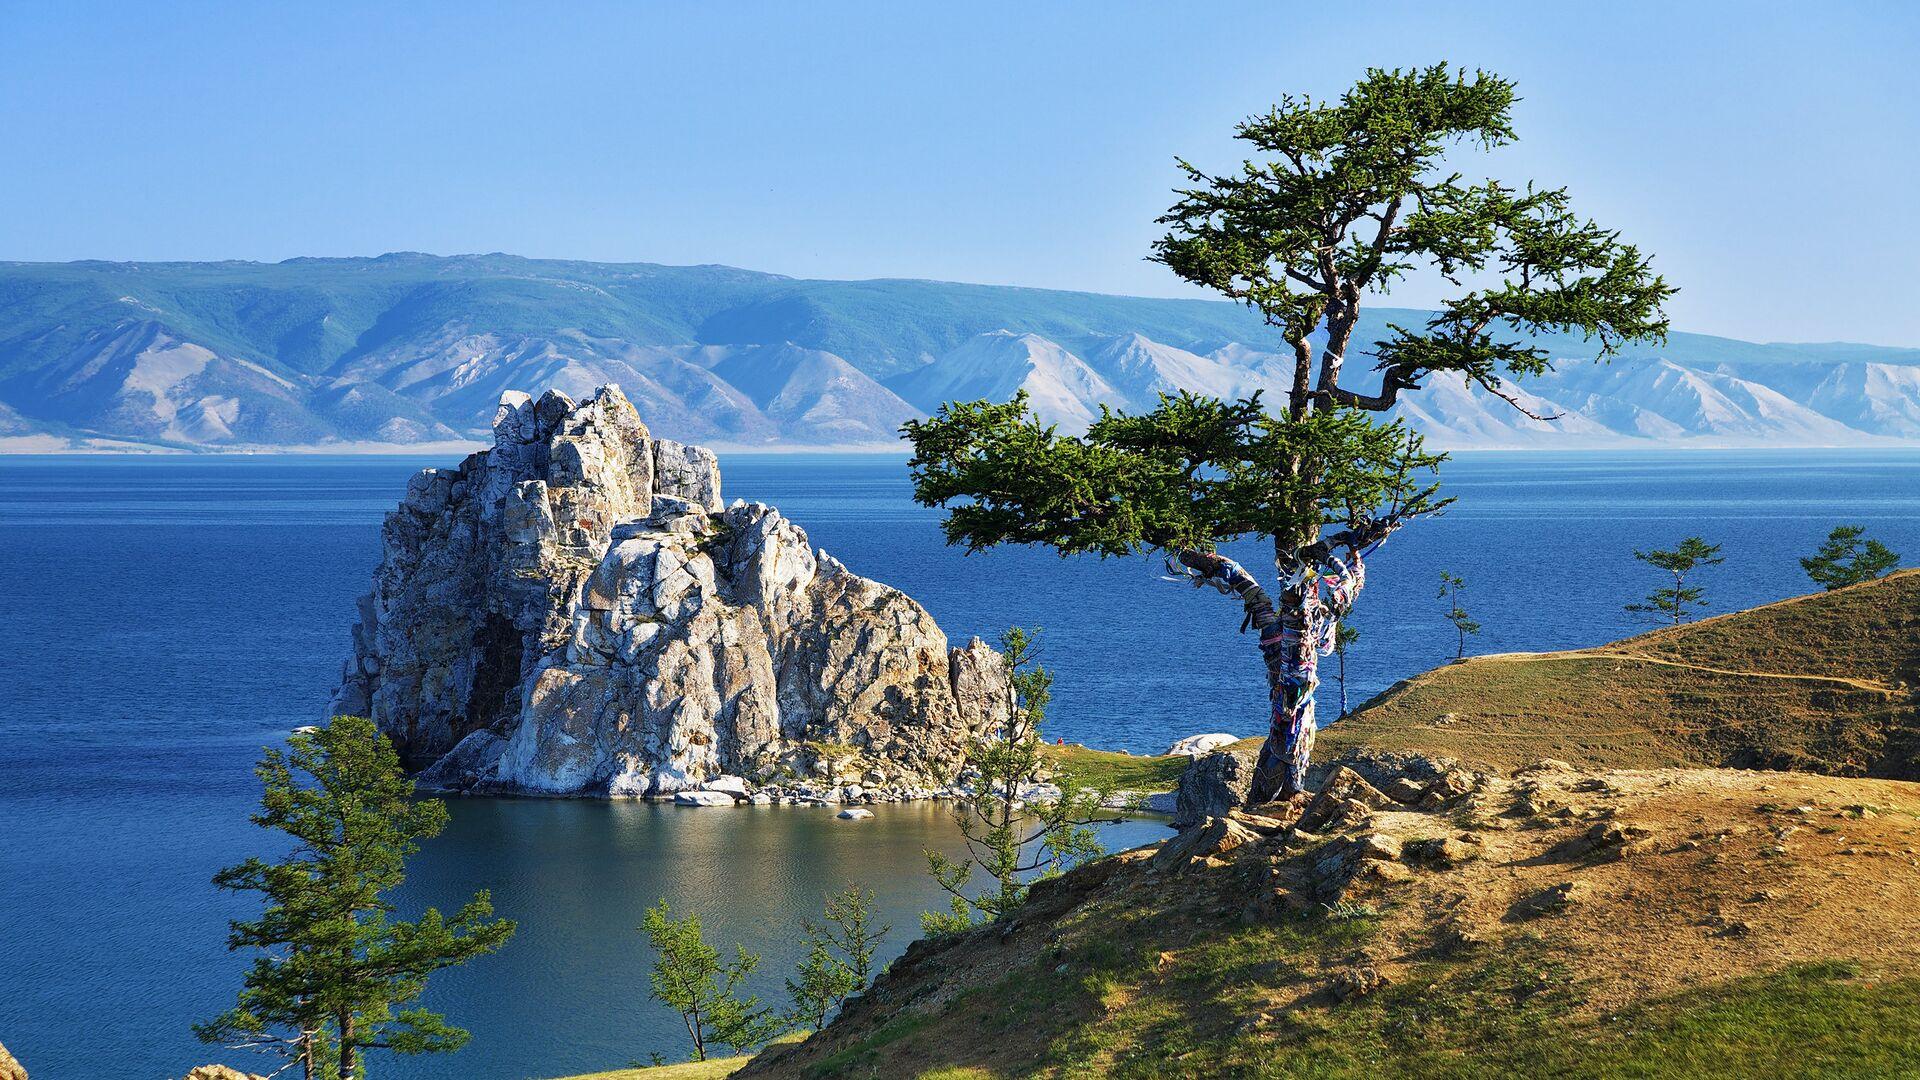 Дерево желаний на озере Байкал - РИА Новости, 1920, 26.08.2020